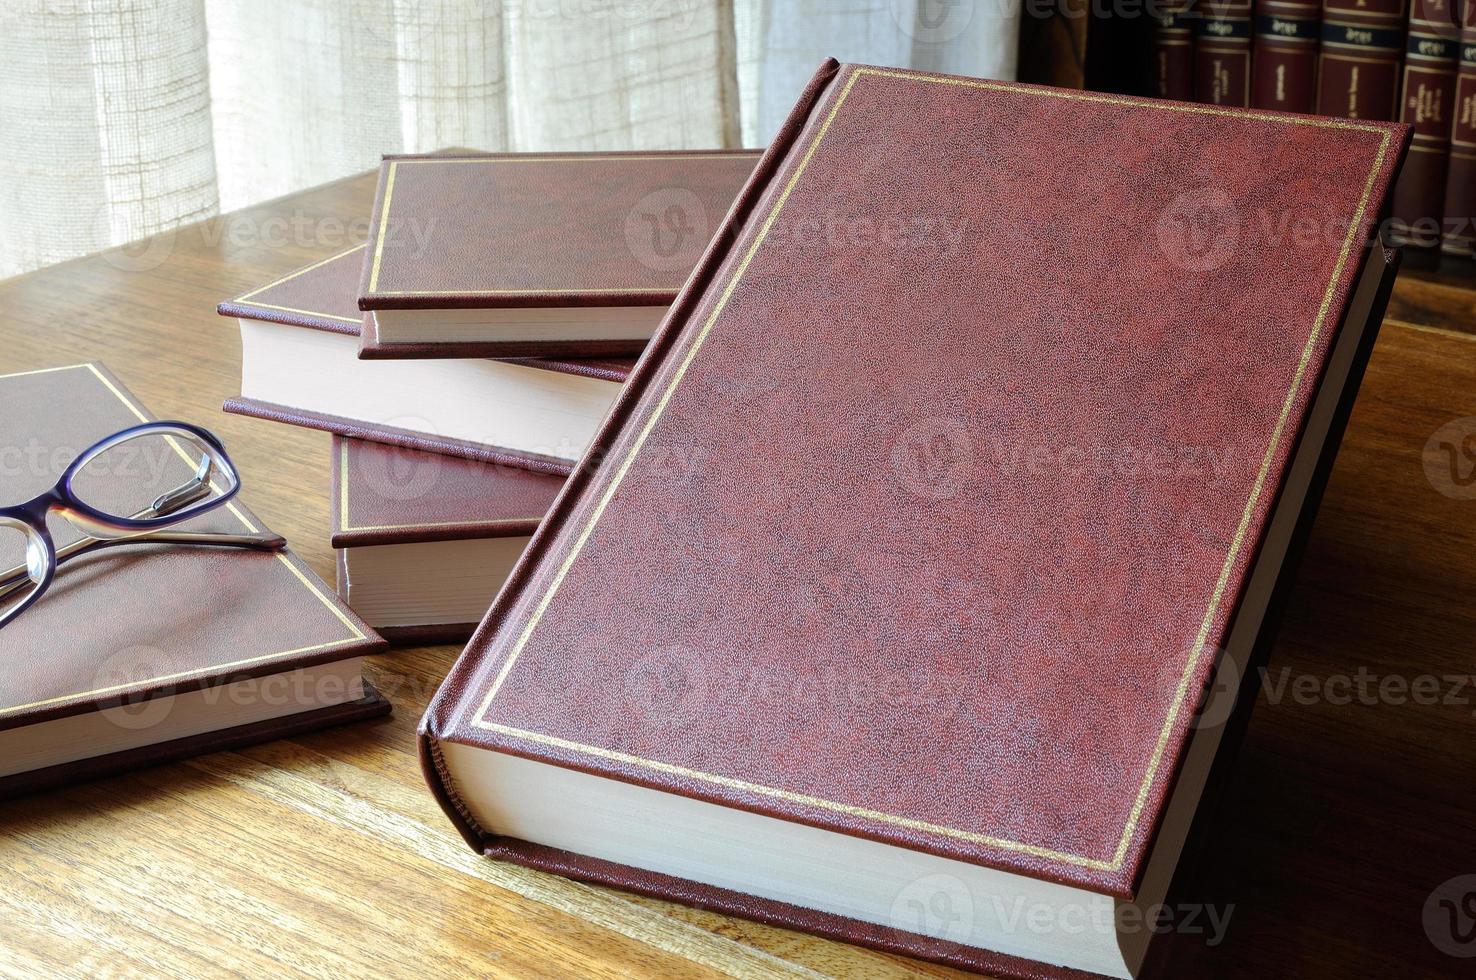 exposto conjunto de livros sobre a mesa foto